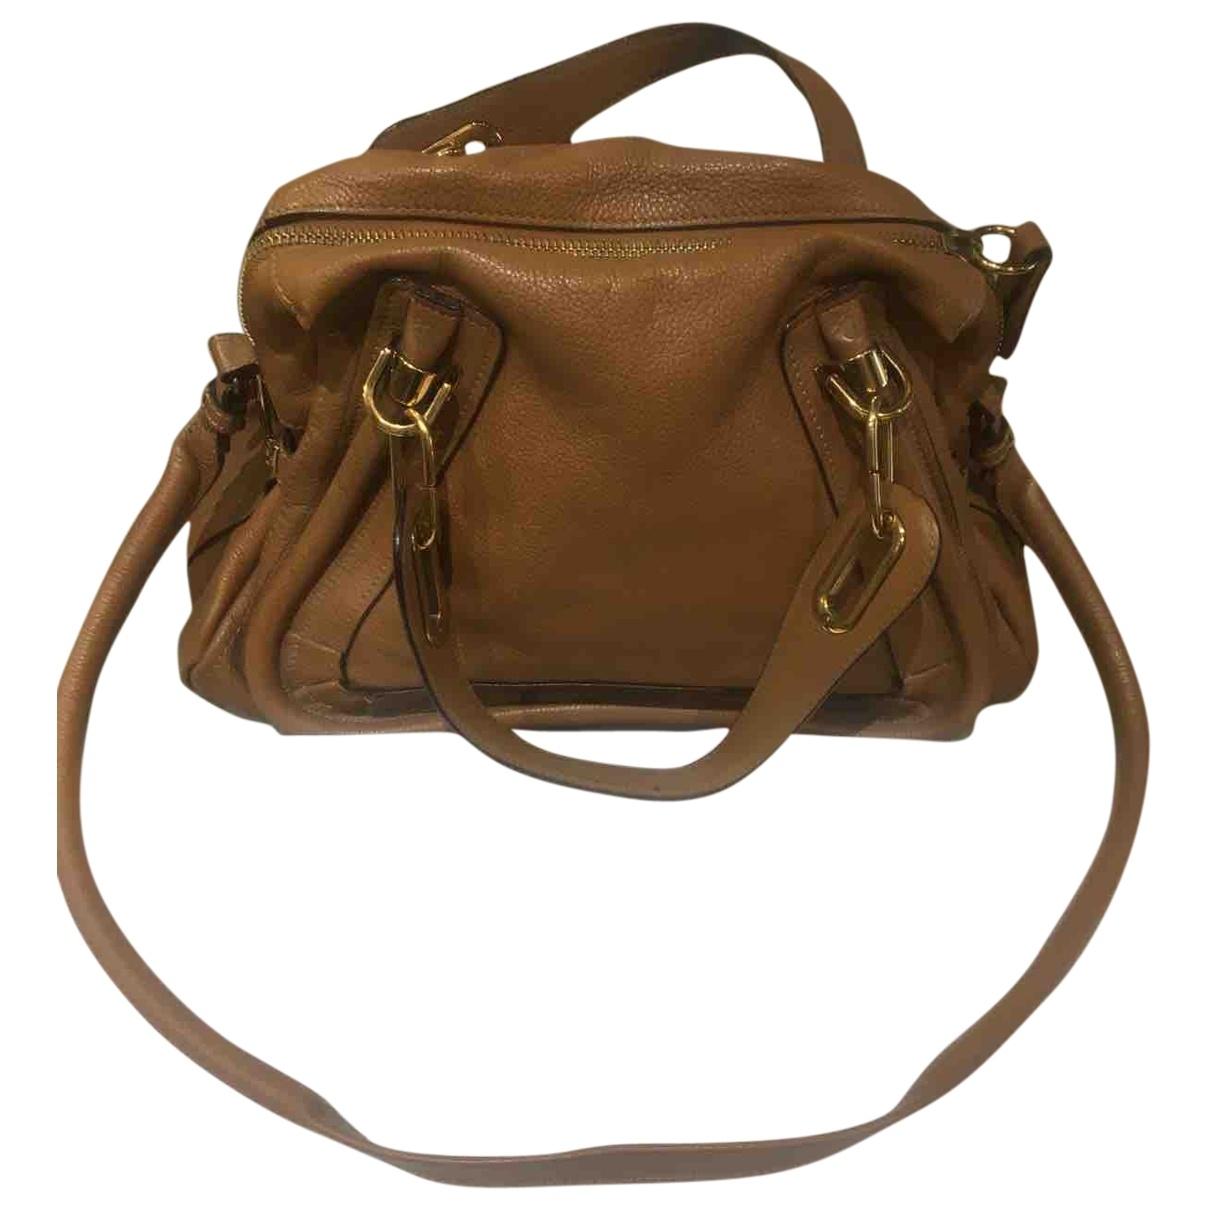 Chloe \N Handtasche in  Beige Leder